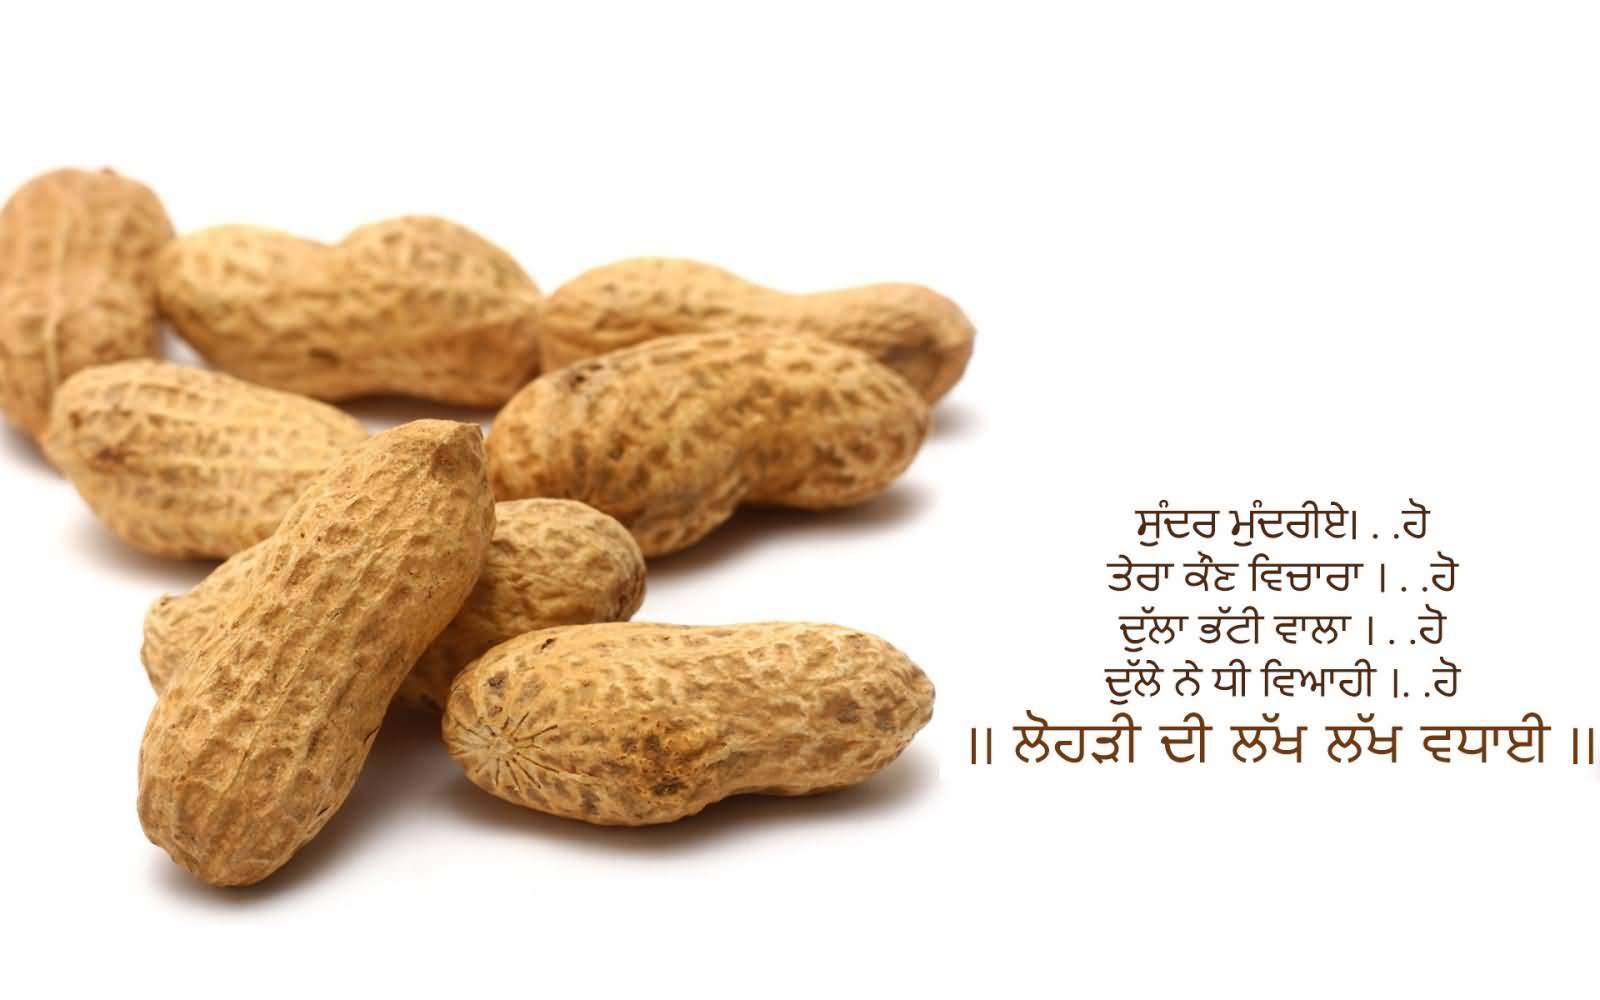 Lohri Wishes In Punjabi